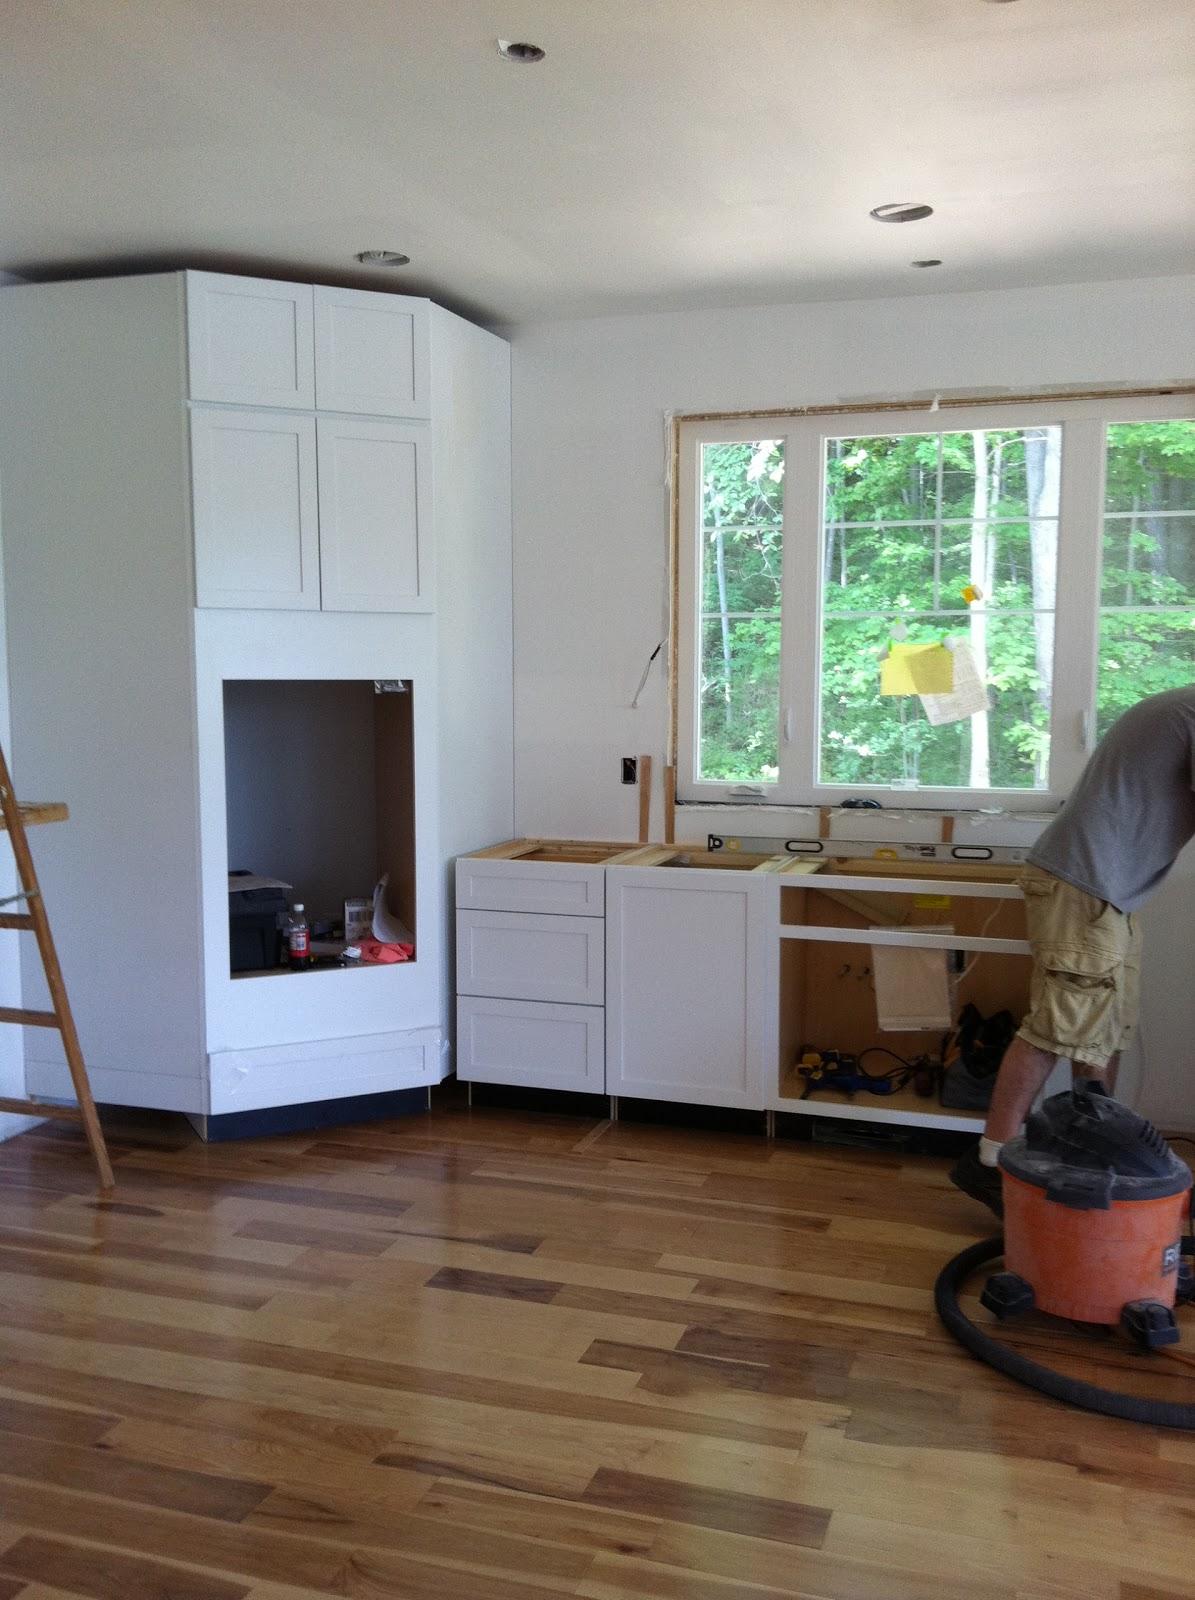 M & J Altomare: Kraftmaid Kitchen Cabinets Starting